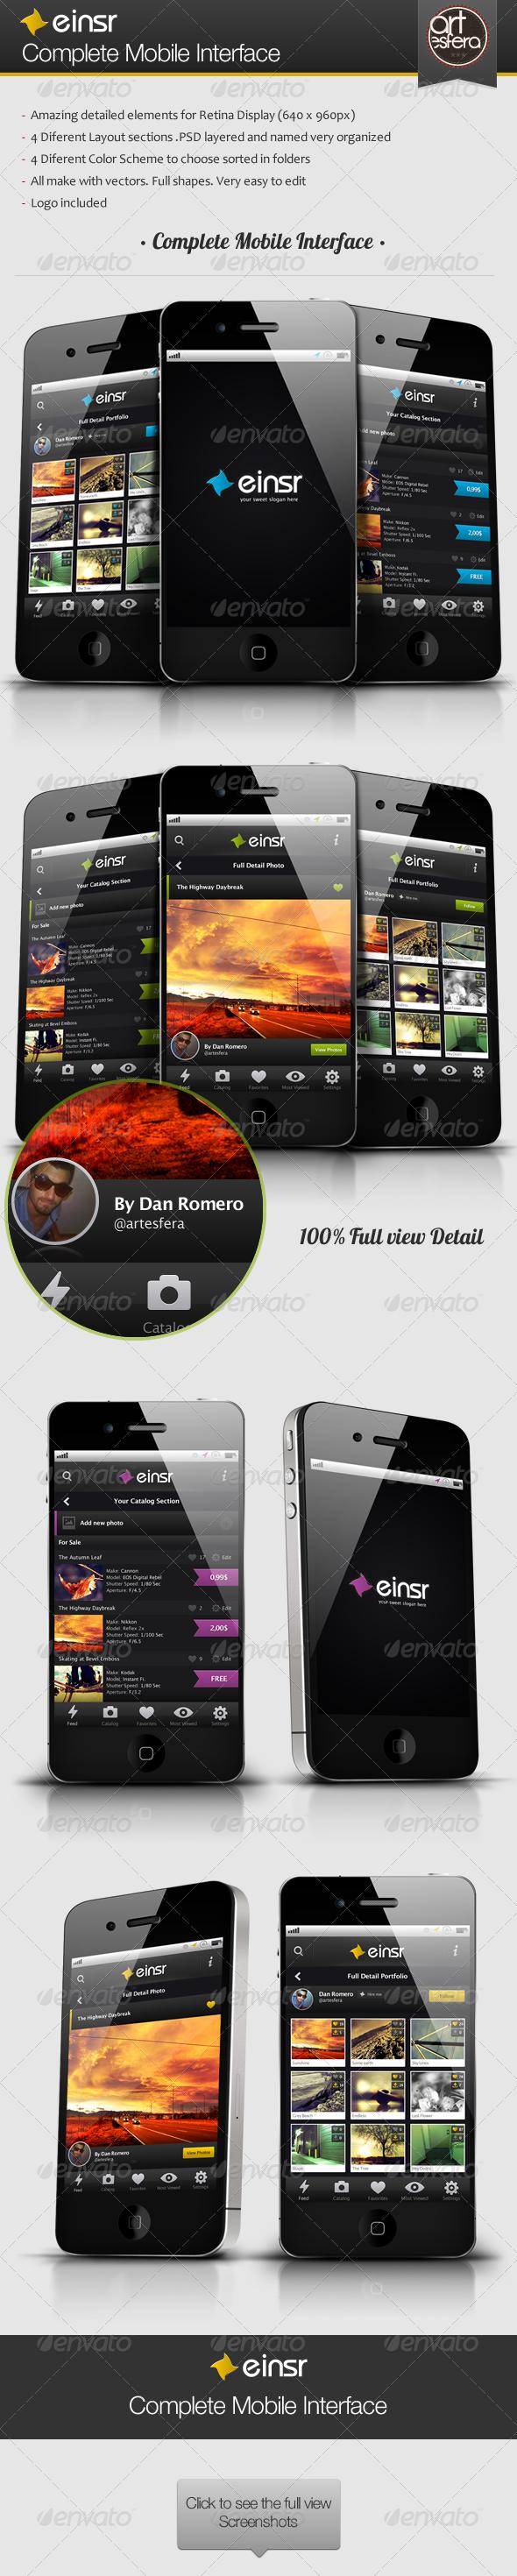 GraphicRiver Einsr Complete Mobile Interface 2568746